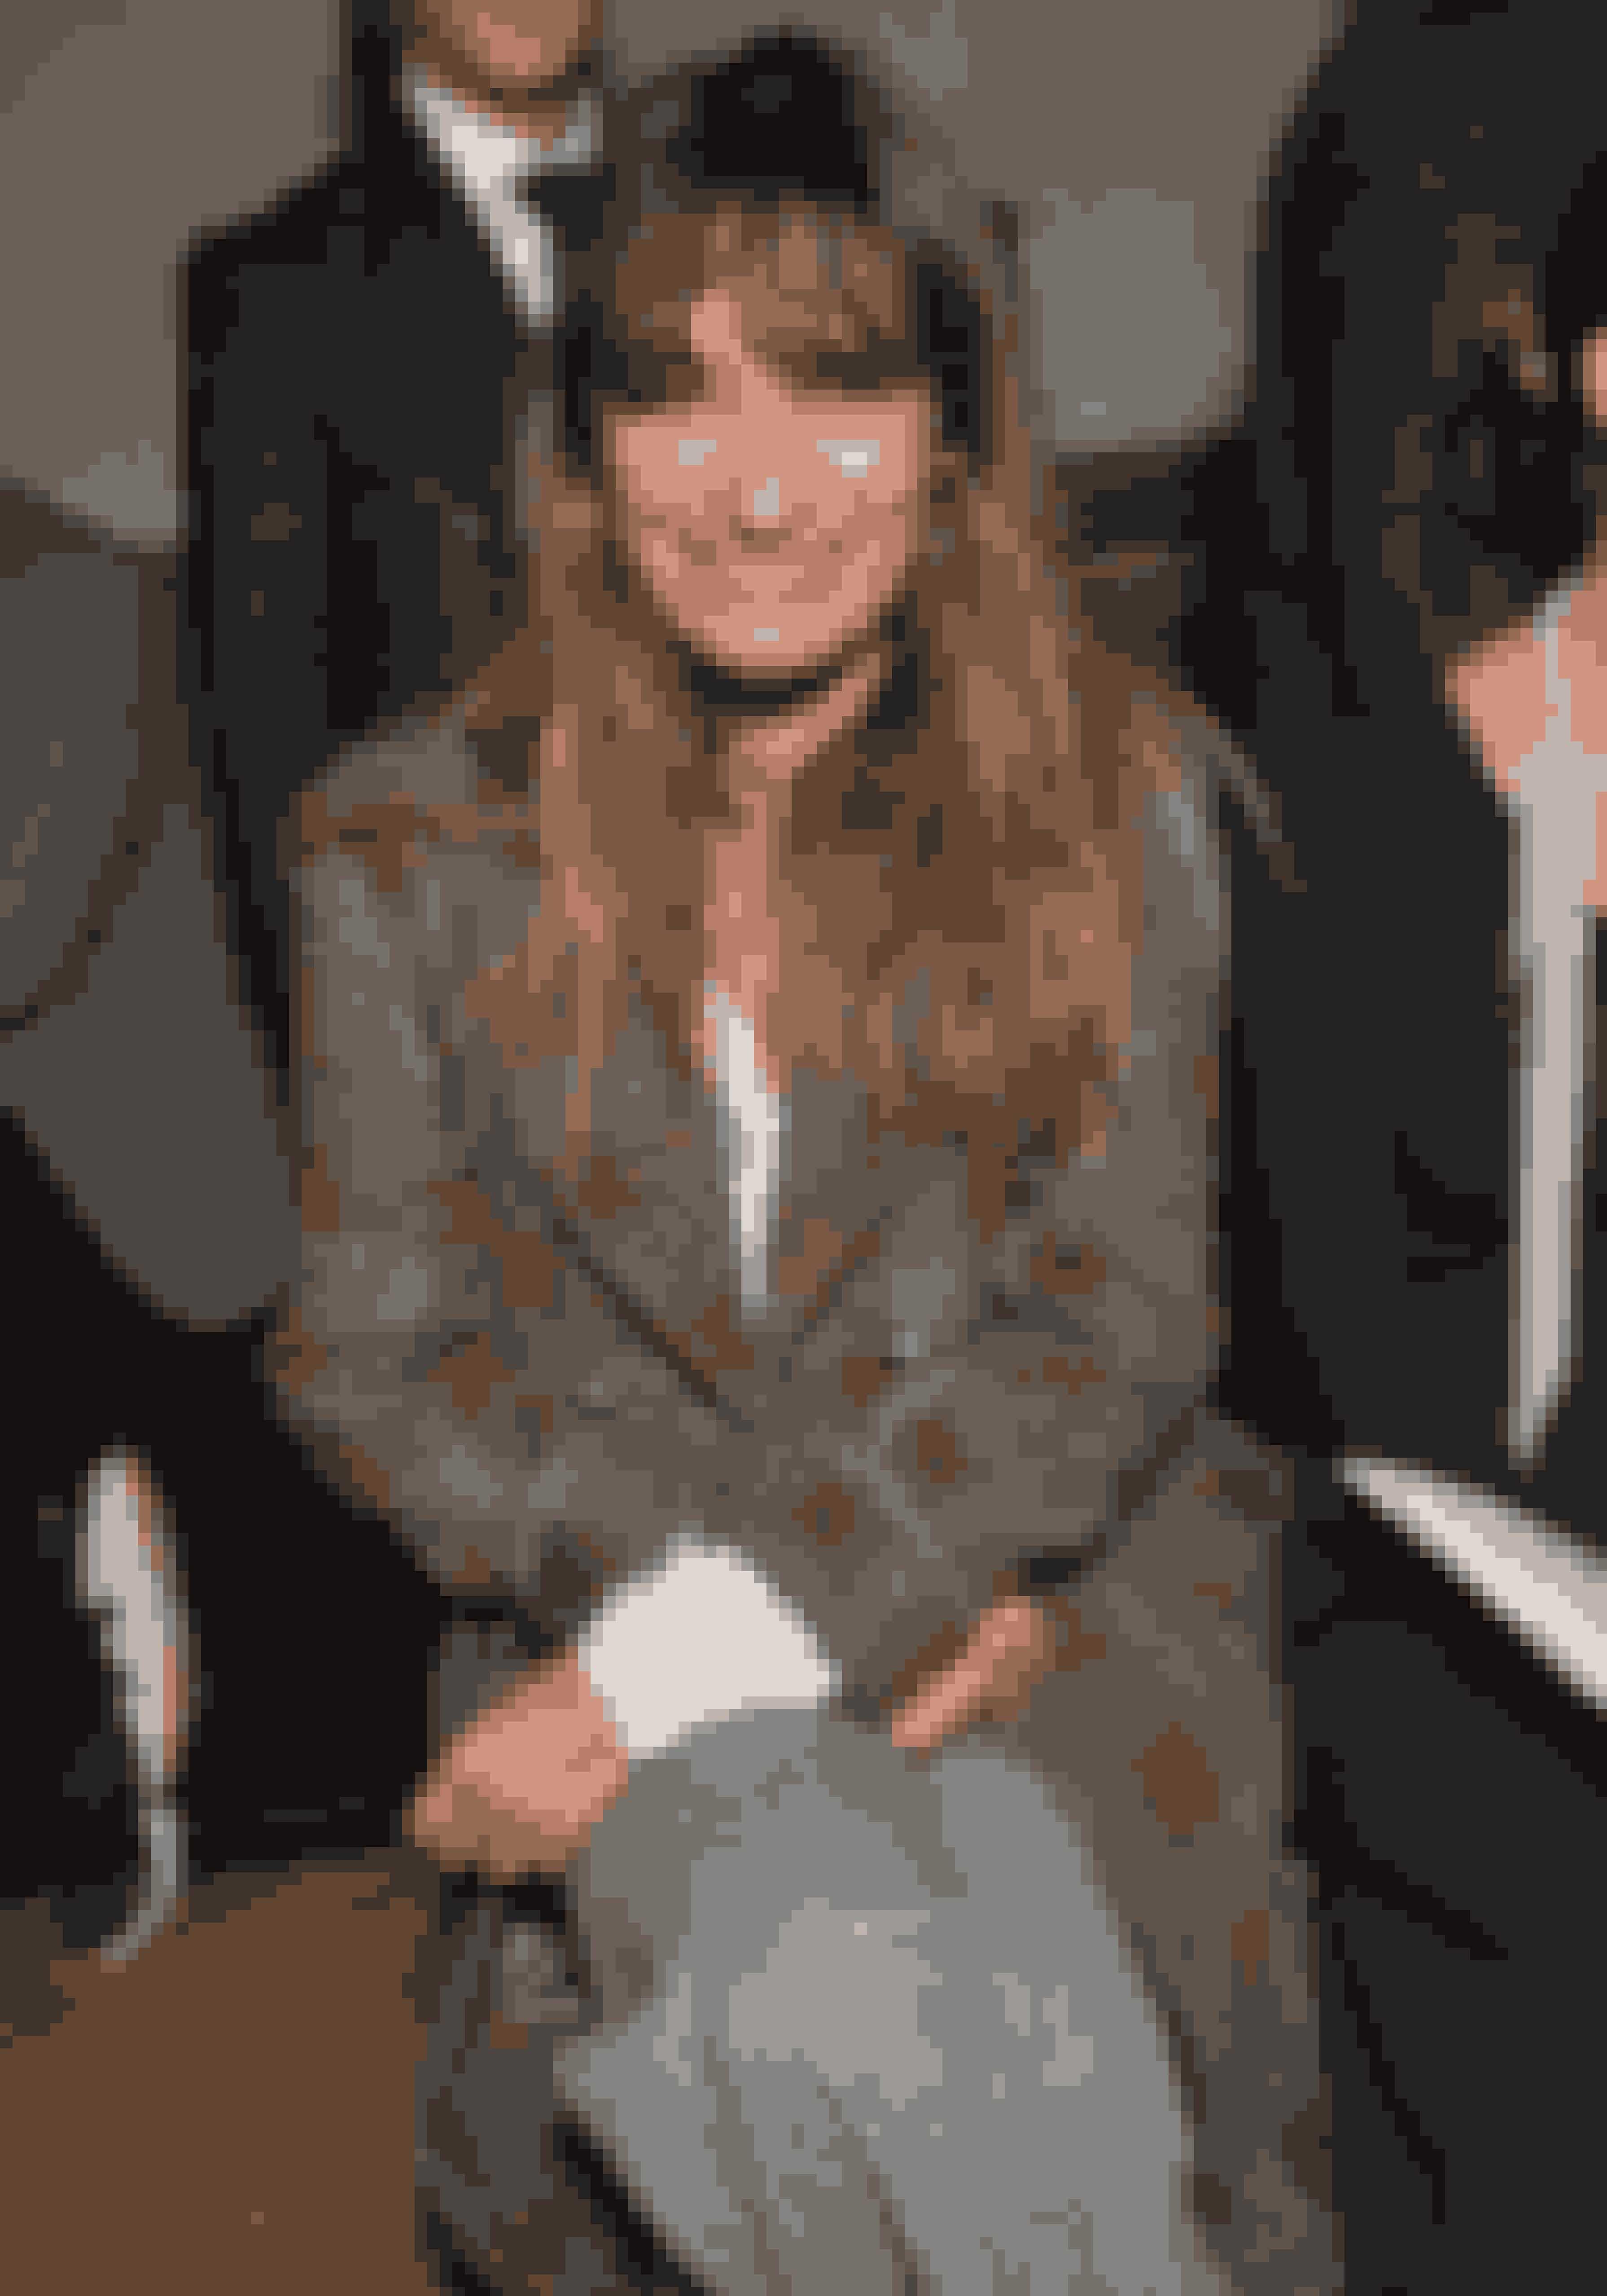 Caroline de Maigret er en fransk model og musikproducer. Hun er desuden forfatteren bag bogen 'How to be Parisian'. Bogen kan købes HER